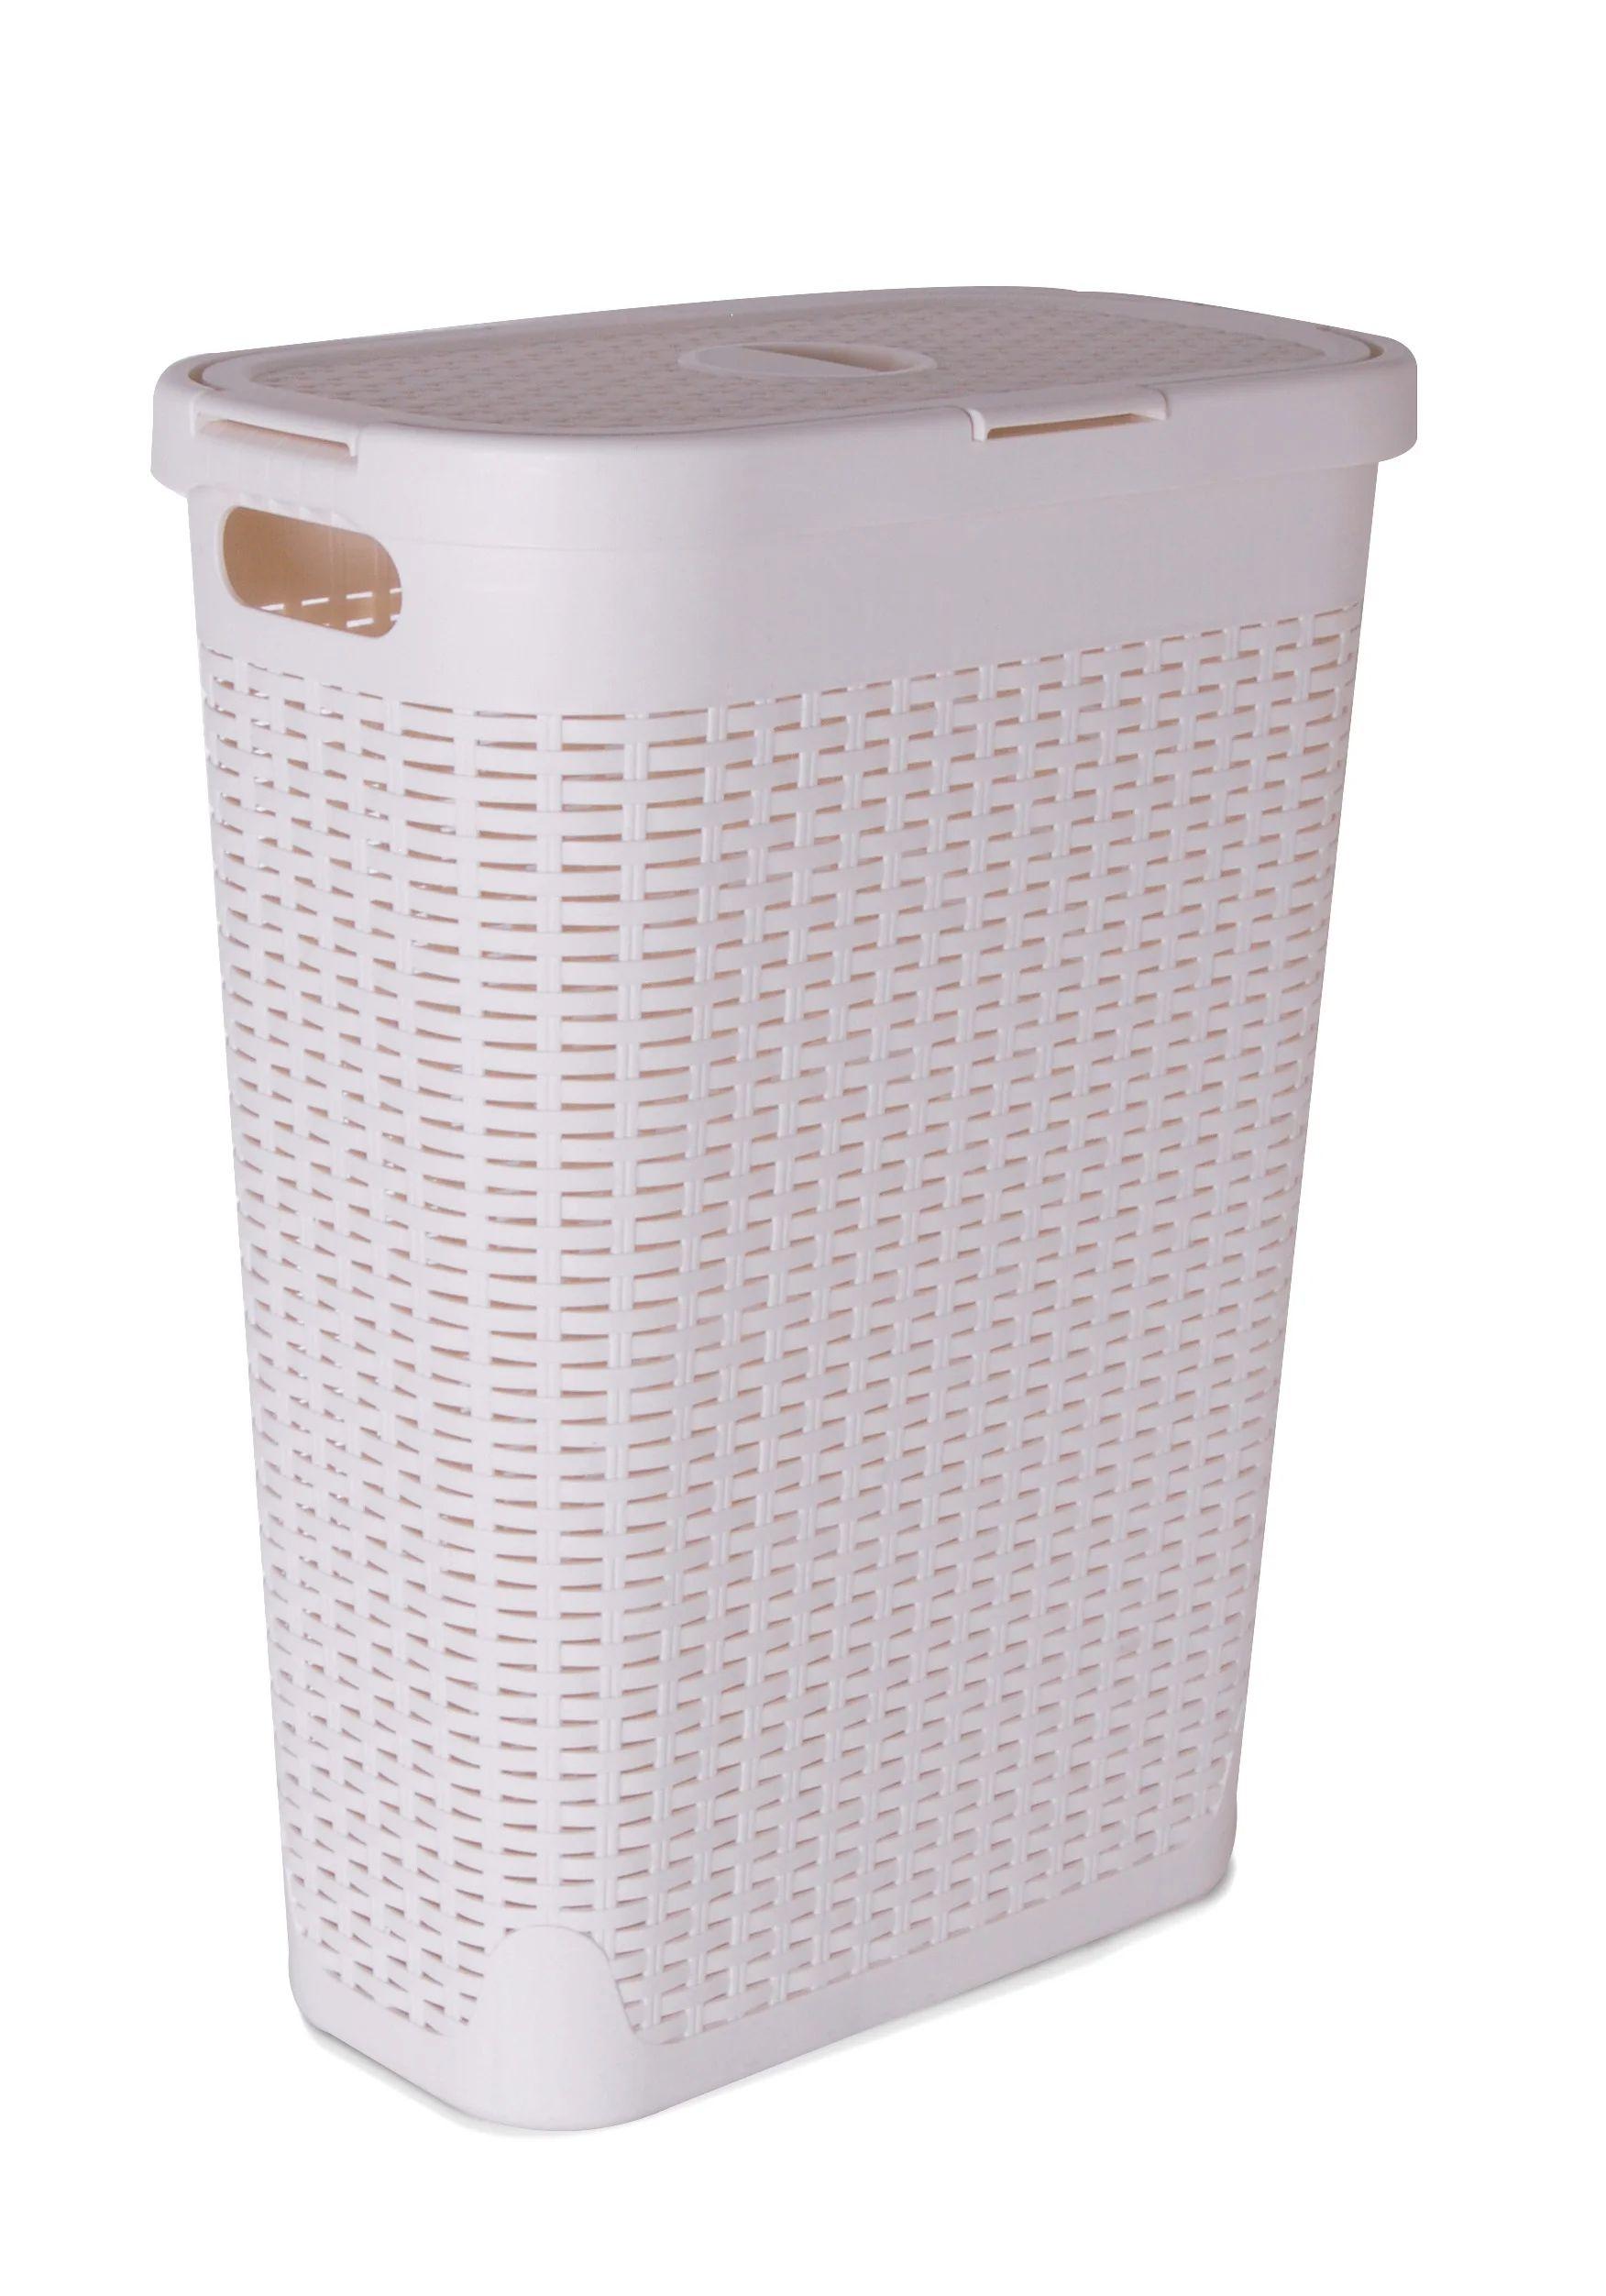 Panier A Linge Plastique Cottage Blanc L 26 8 X H 60 X P 46 2 Cm Leroy Merlin